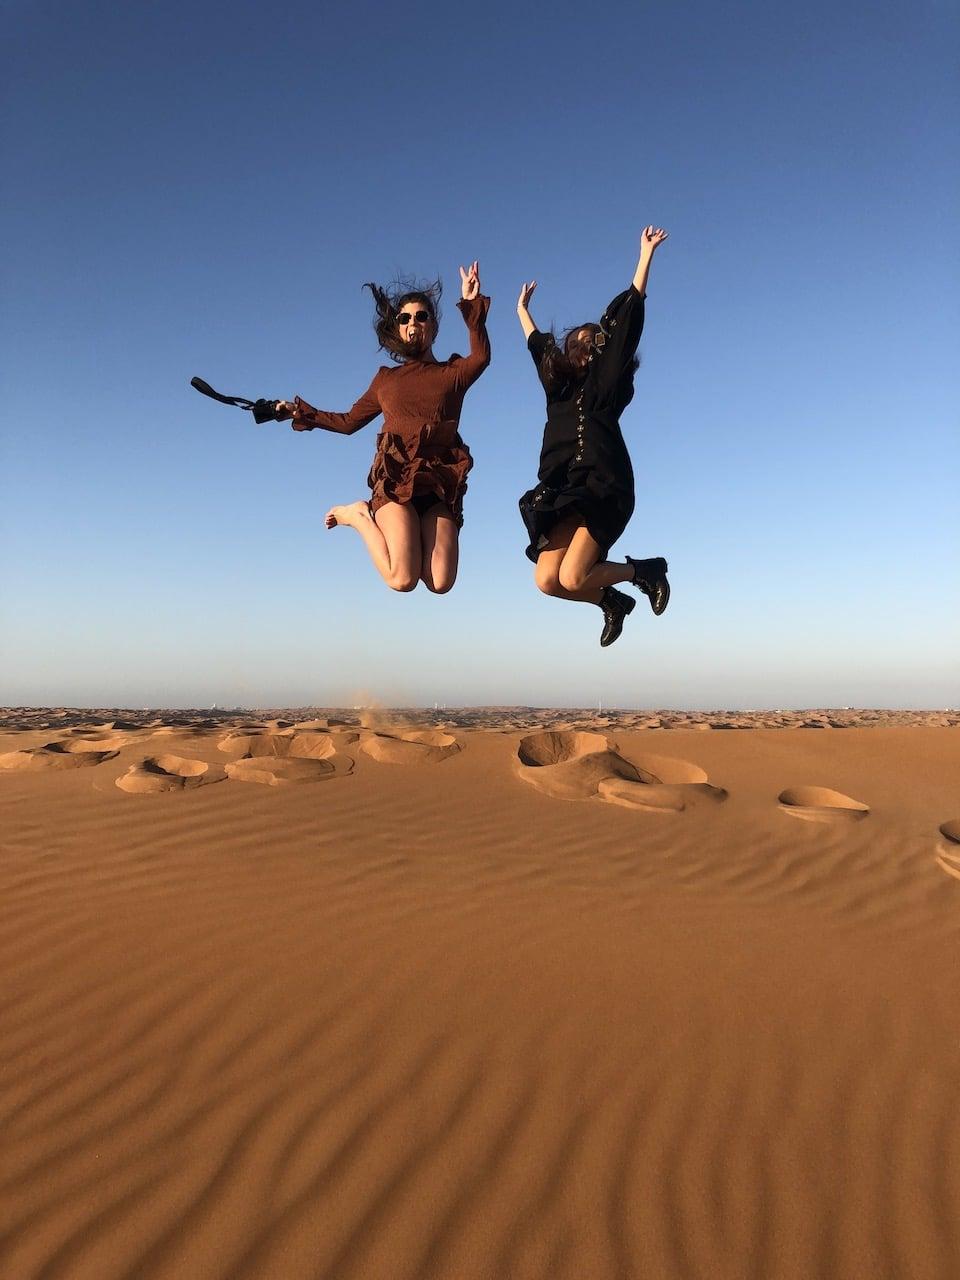 Adrenaline ervaren tijdens het reizen in het midden oosten